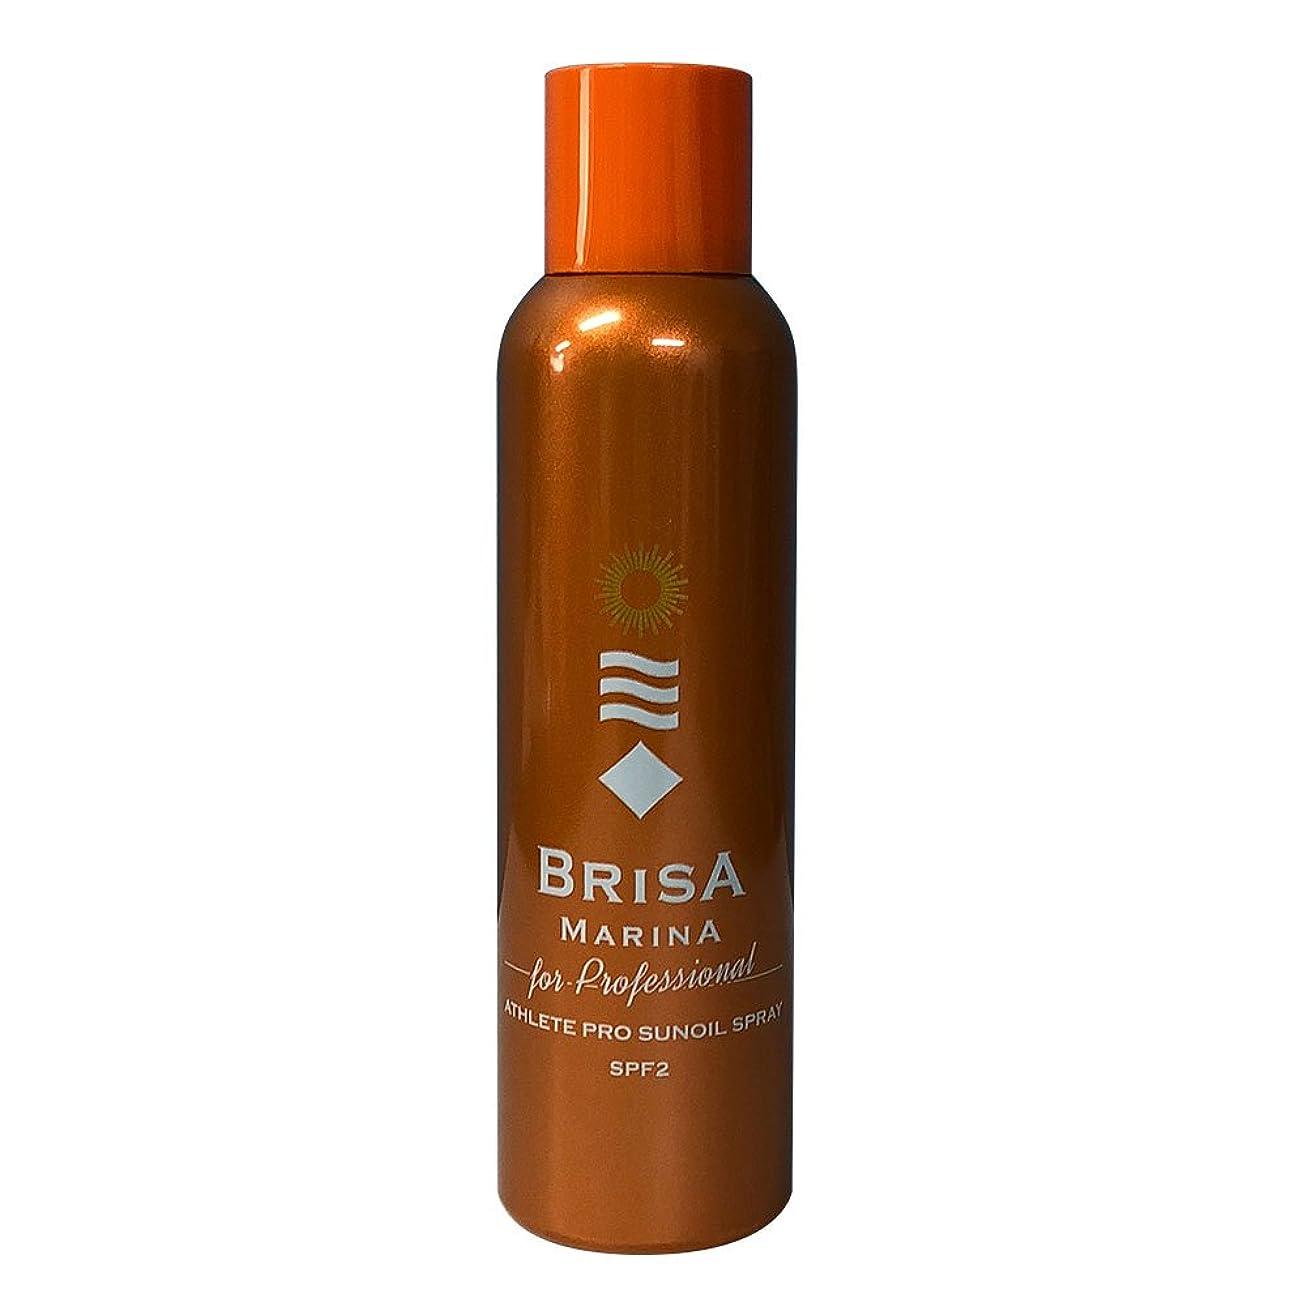 作物動返済BRISA MARINA(ブリサ マリーナ) アスリートプロ サンオイルスプレー [SPF2] Professional Edition [アスリートプロ 日焼け用スプレー] Z-0CBM0016610